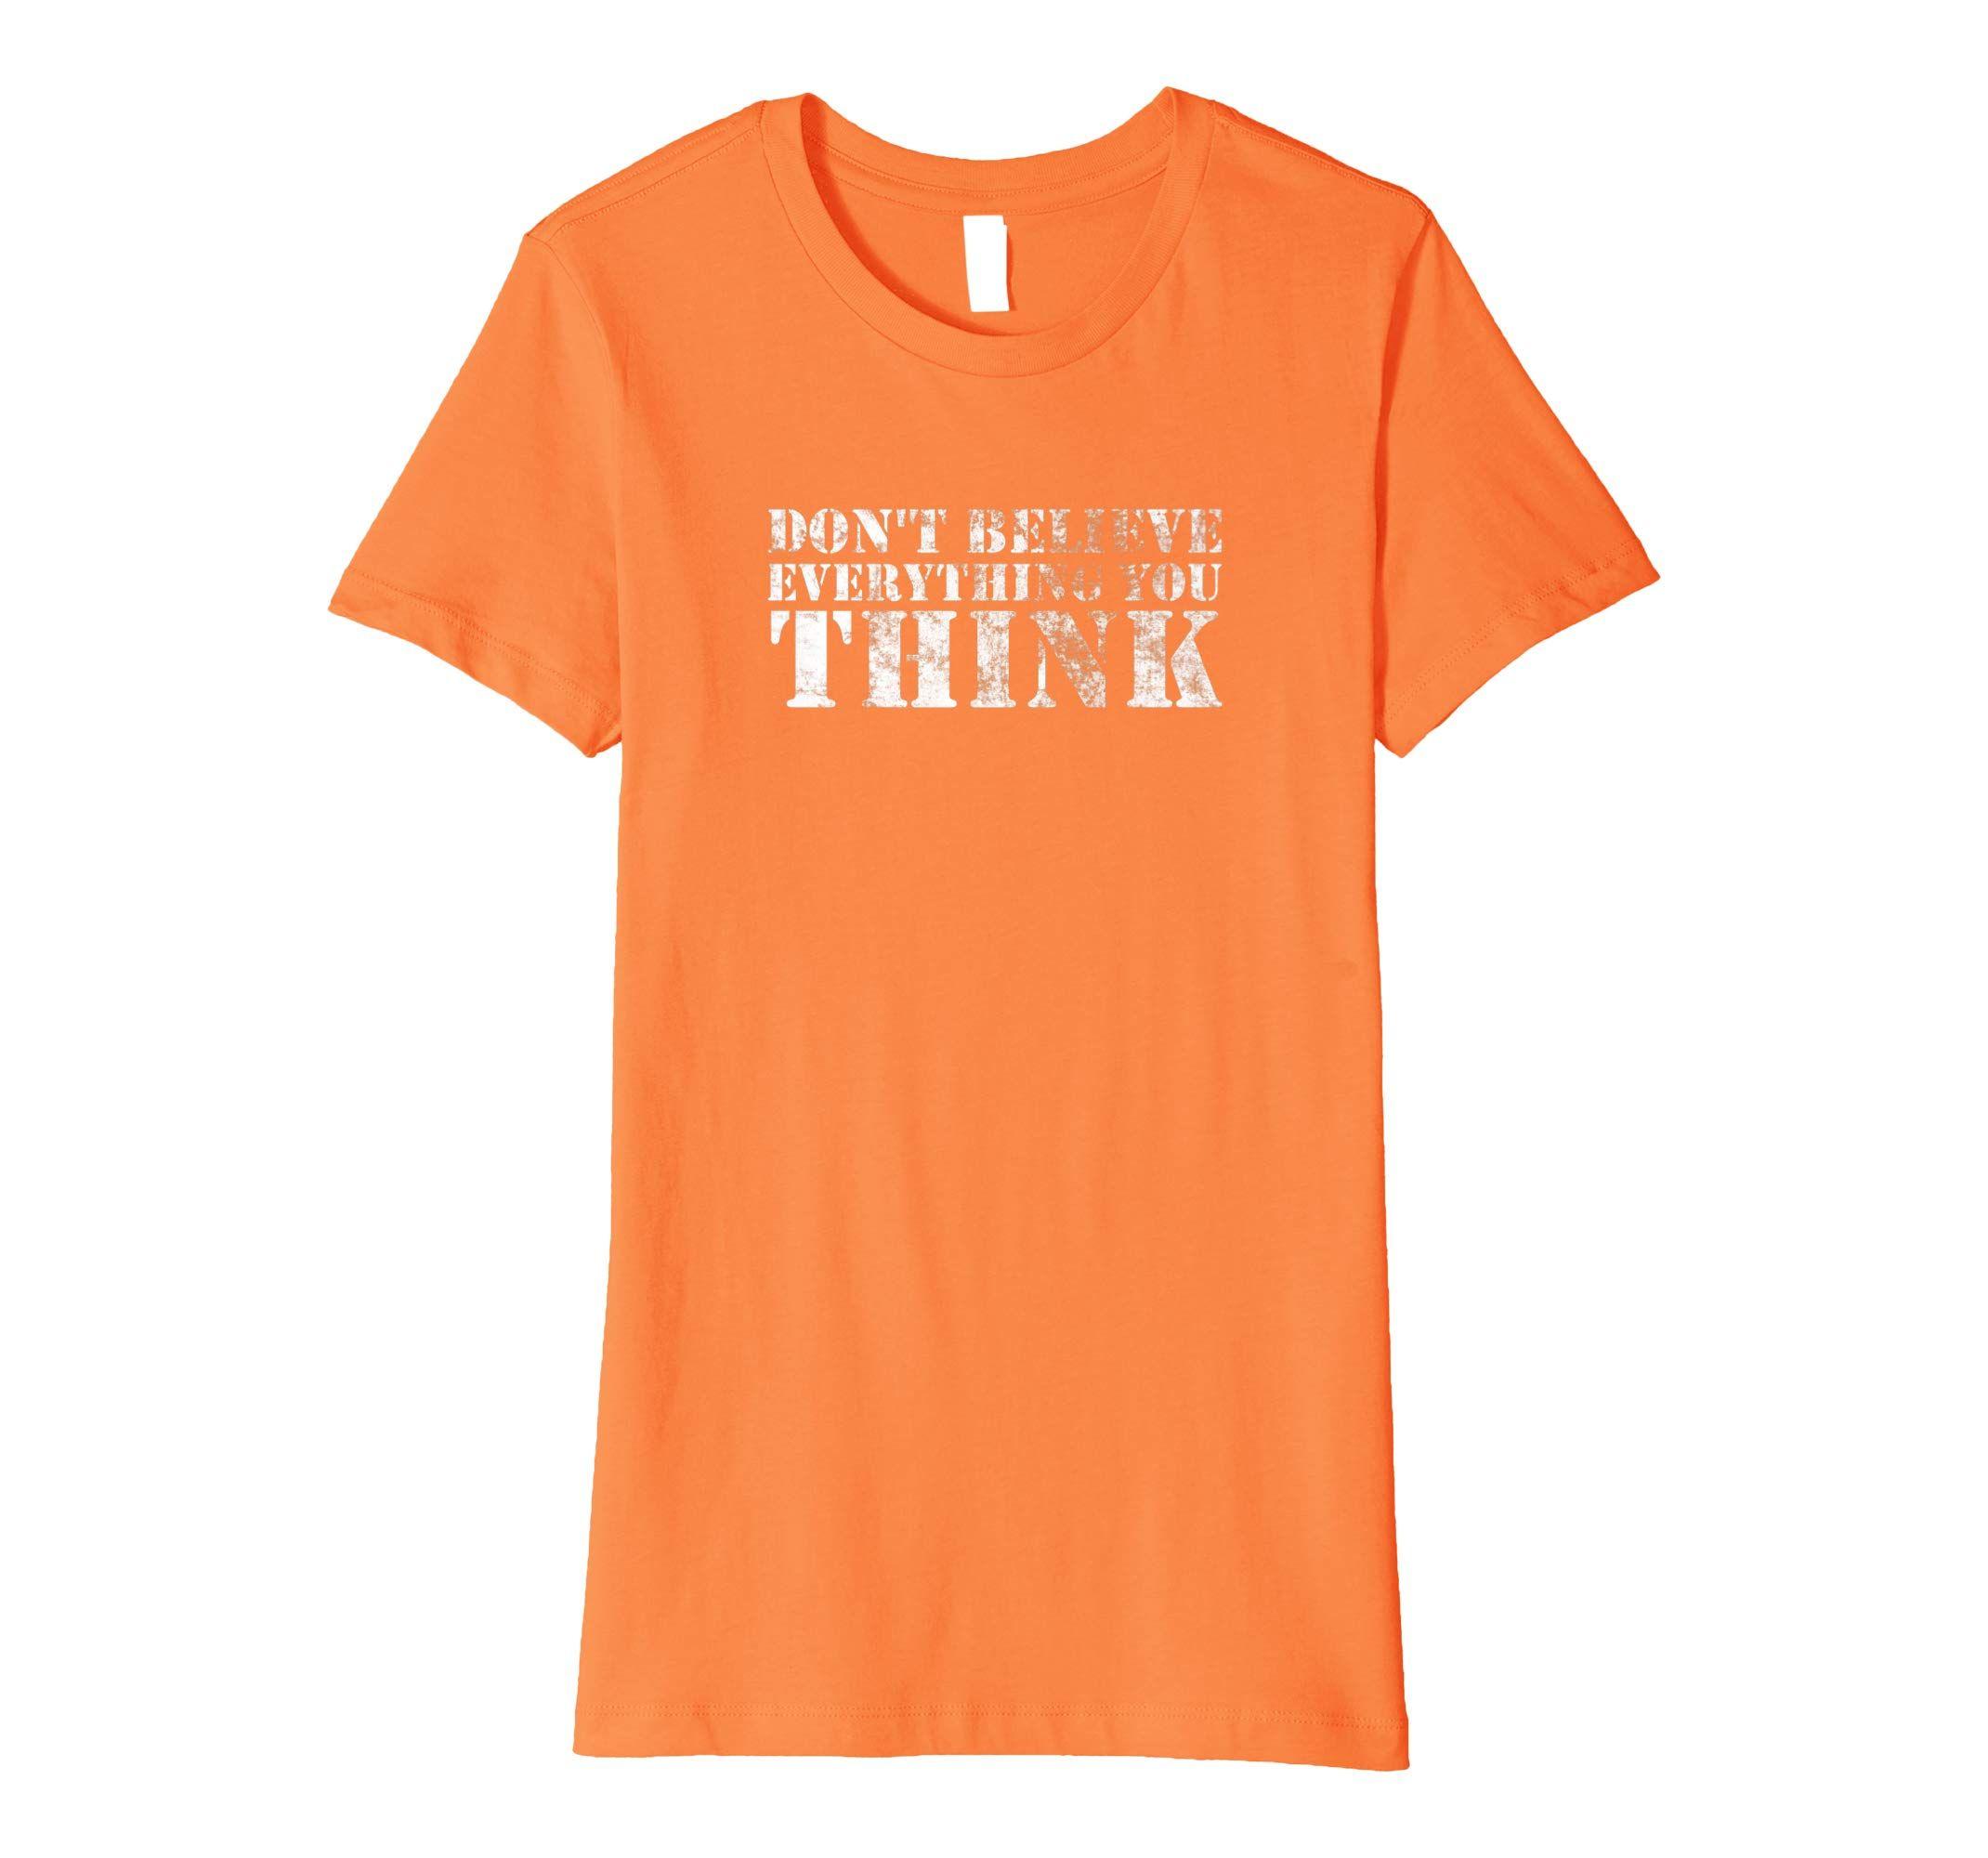 Weisheit Zitat: Spruch zum Nachdenken nicht Glauben Slogan T-Shirt ...